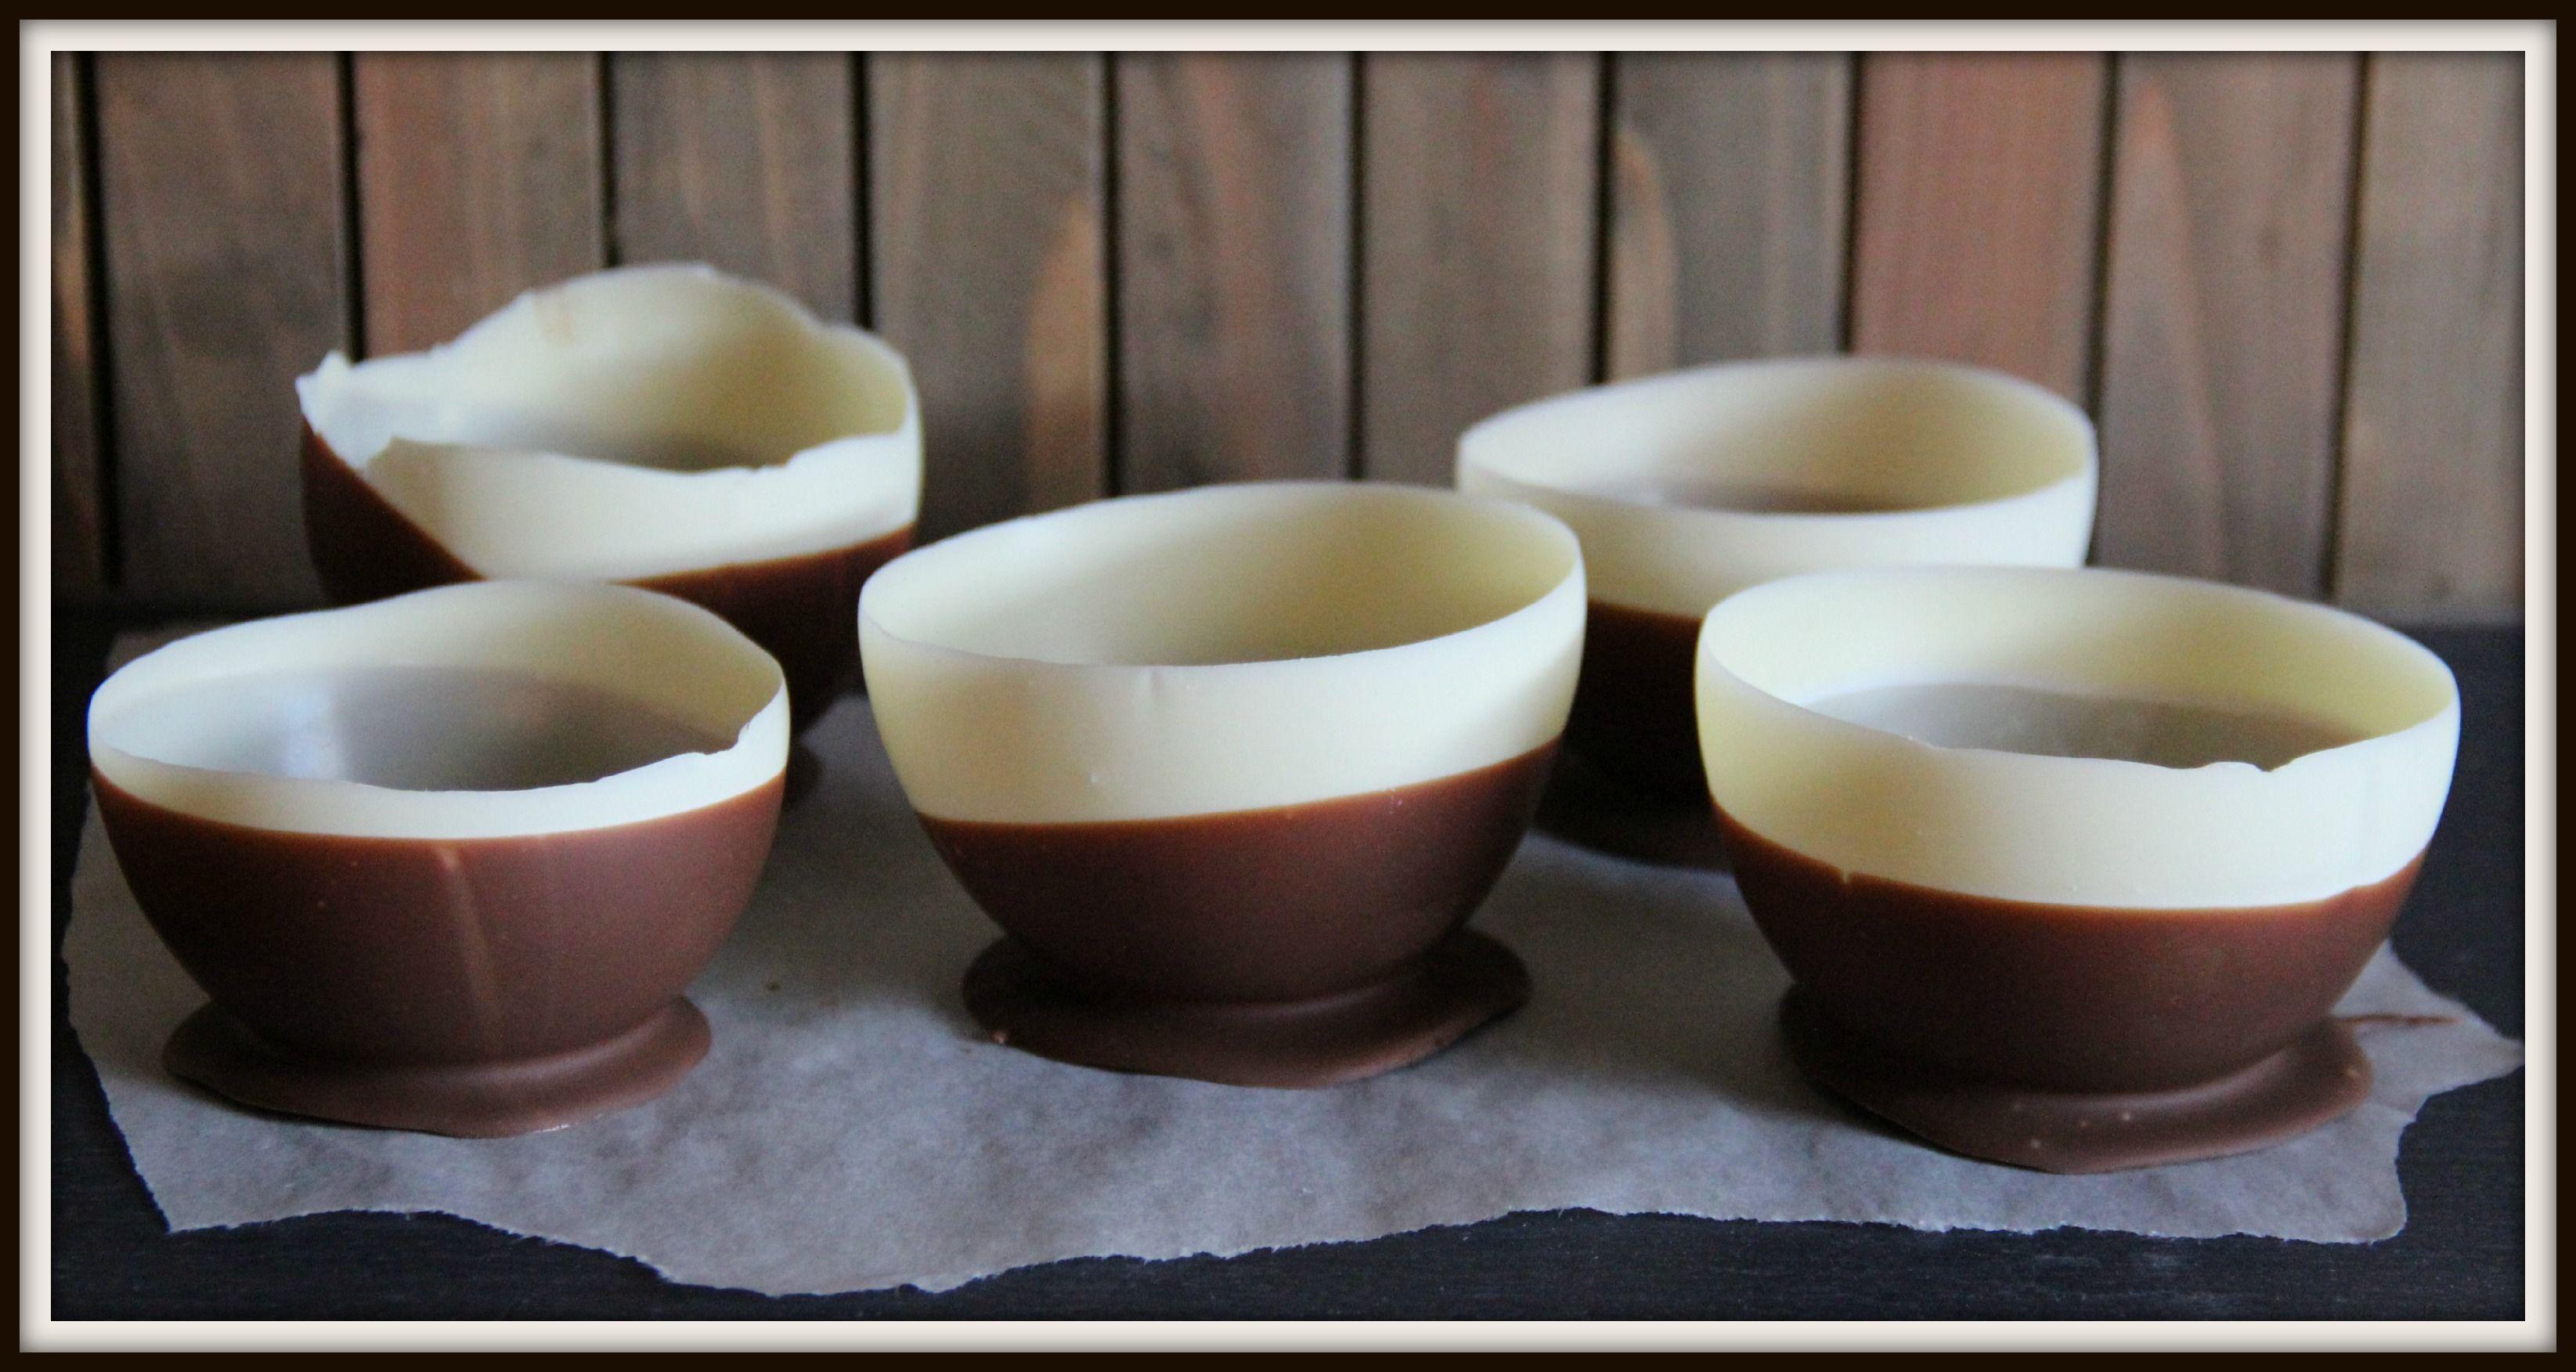 selbstgemachte Schokoladen-Becher